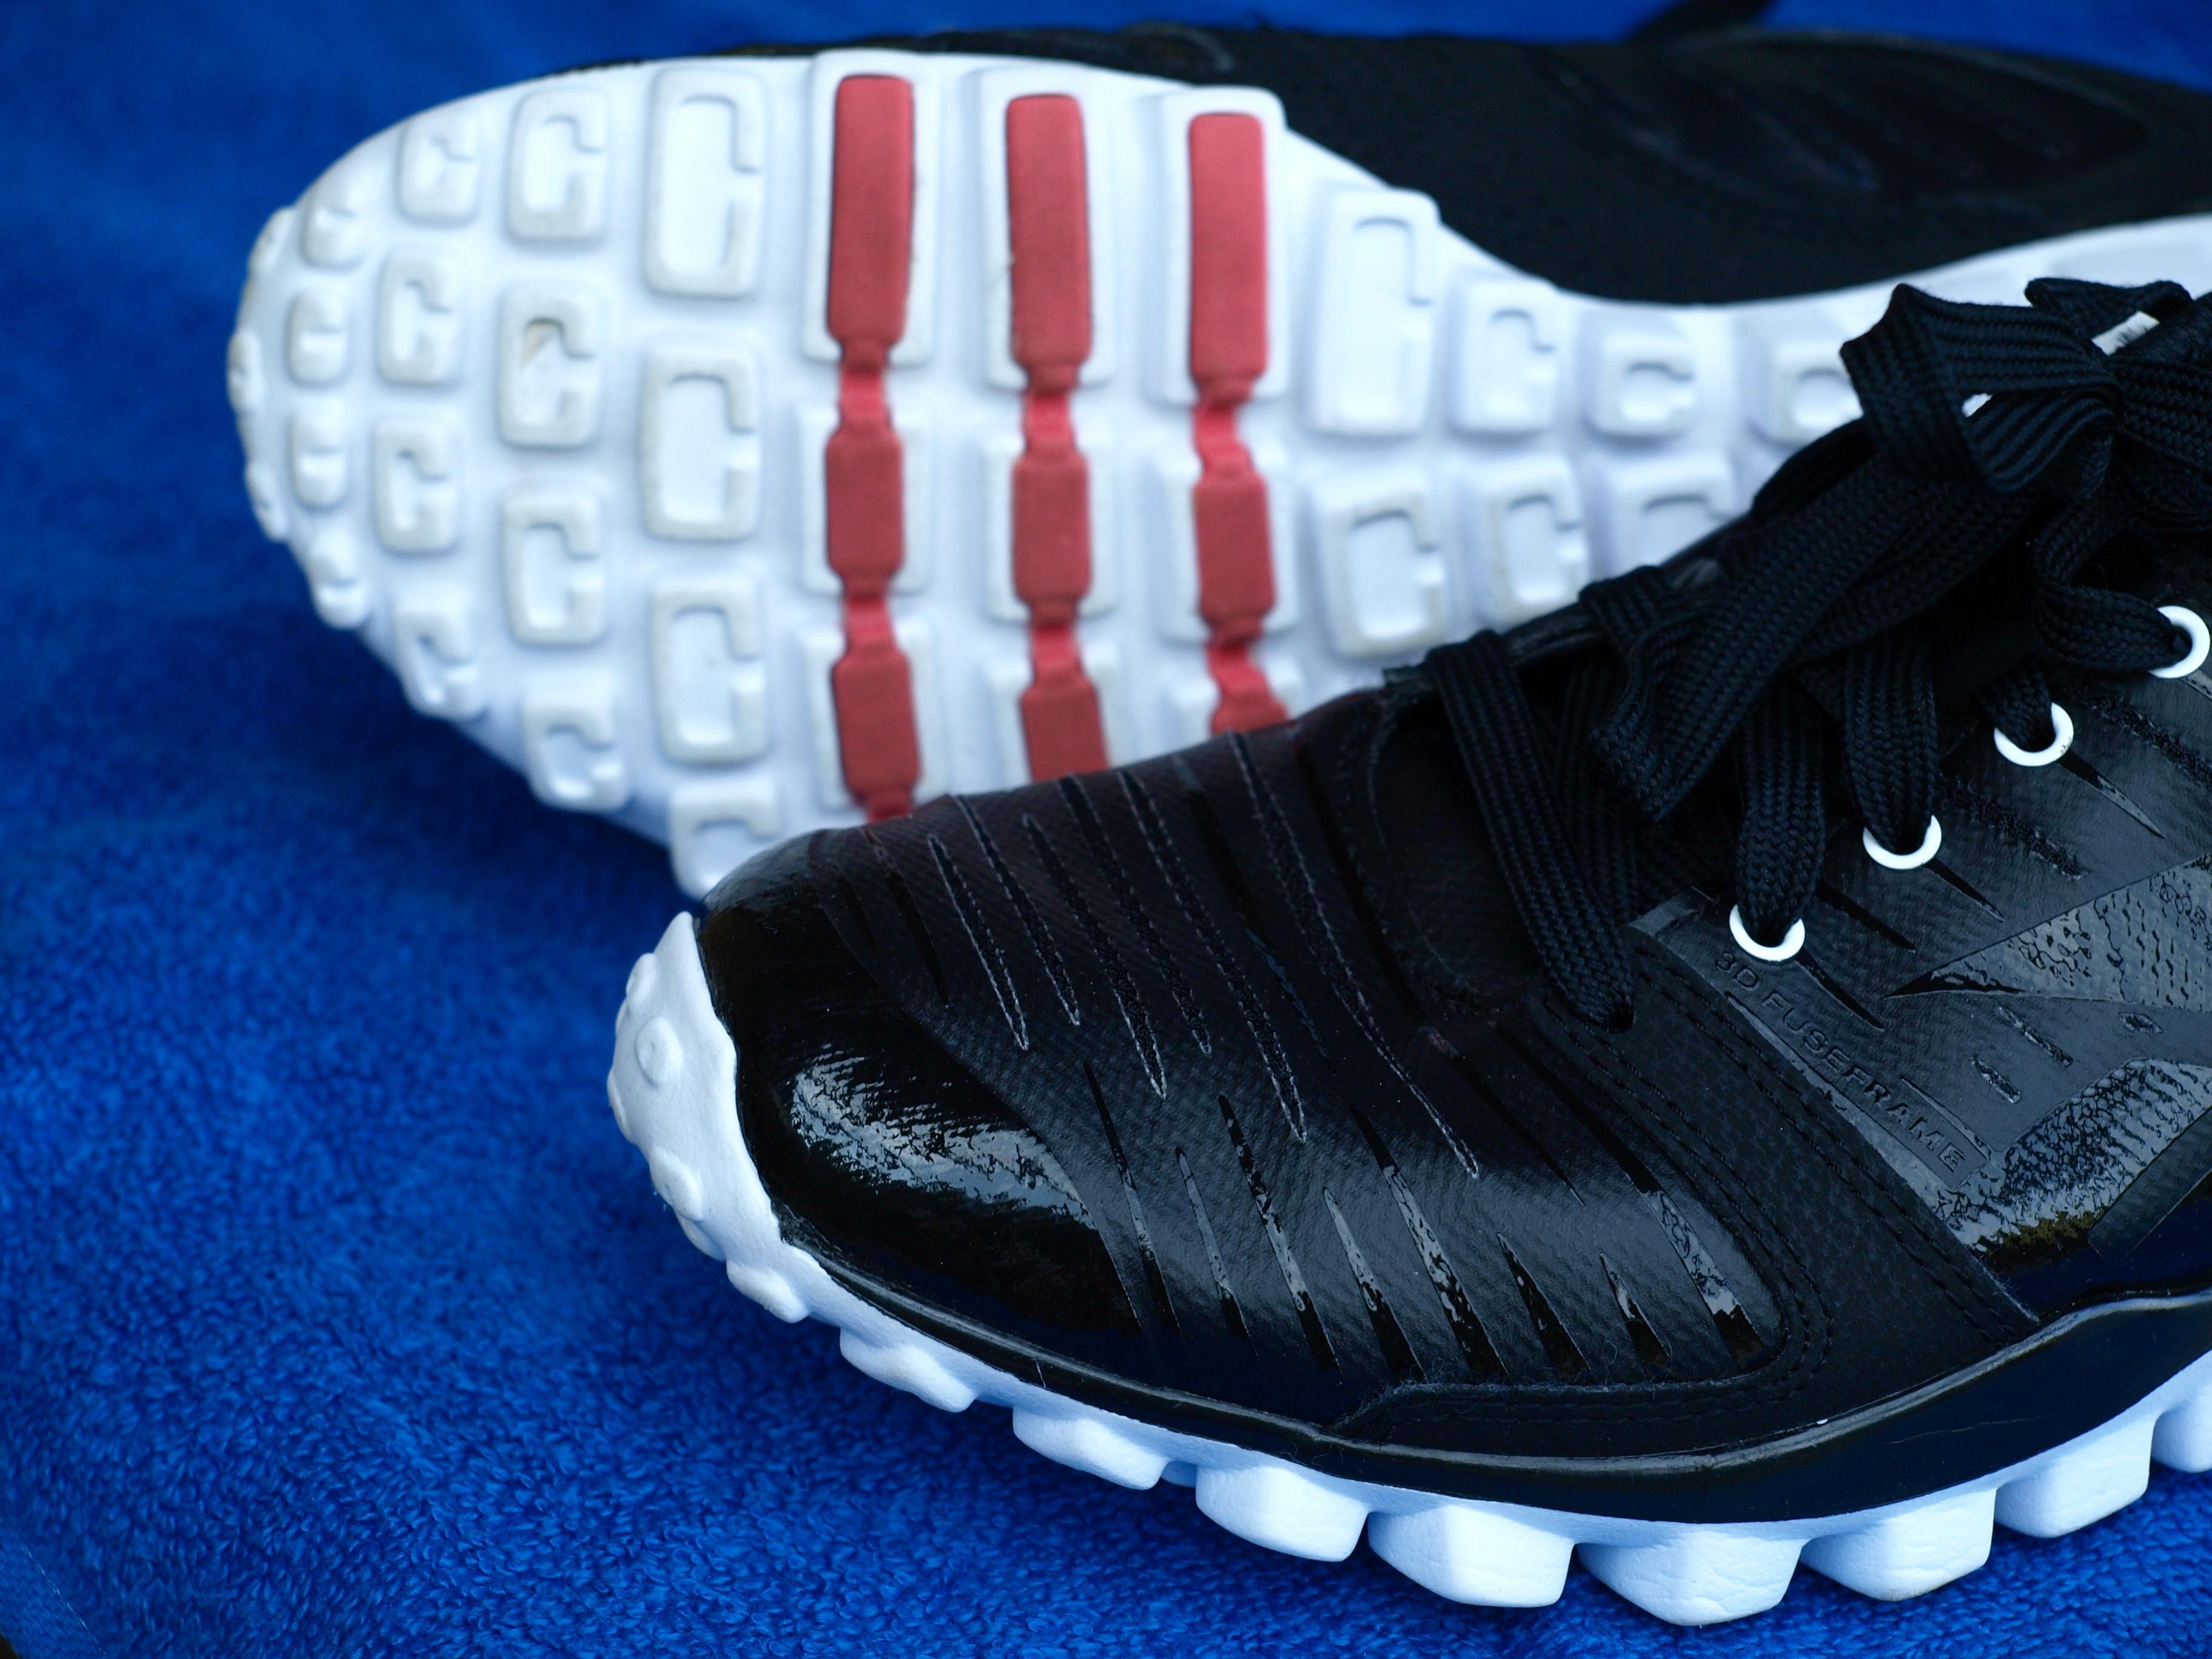 sko hvid sport uddannelse blå sort produkt sko kondisko fodtøj aktiv reebok  udendørs sko RealFlex